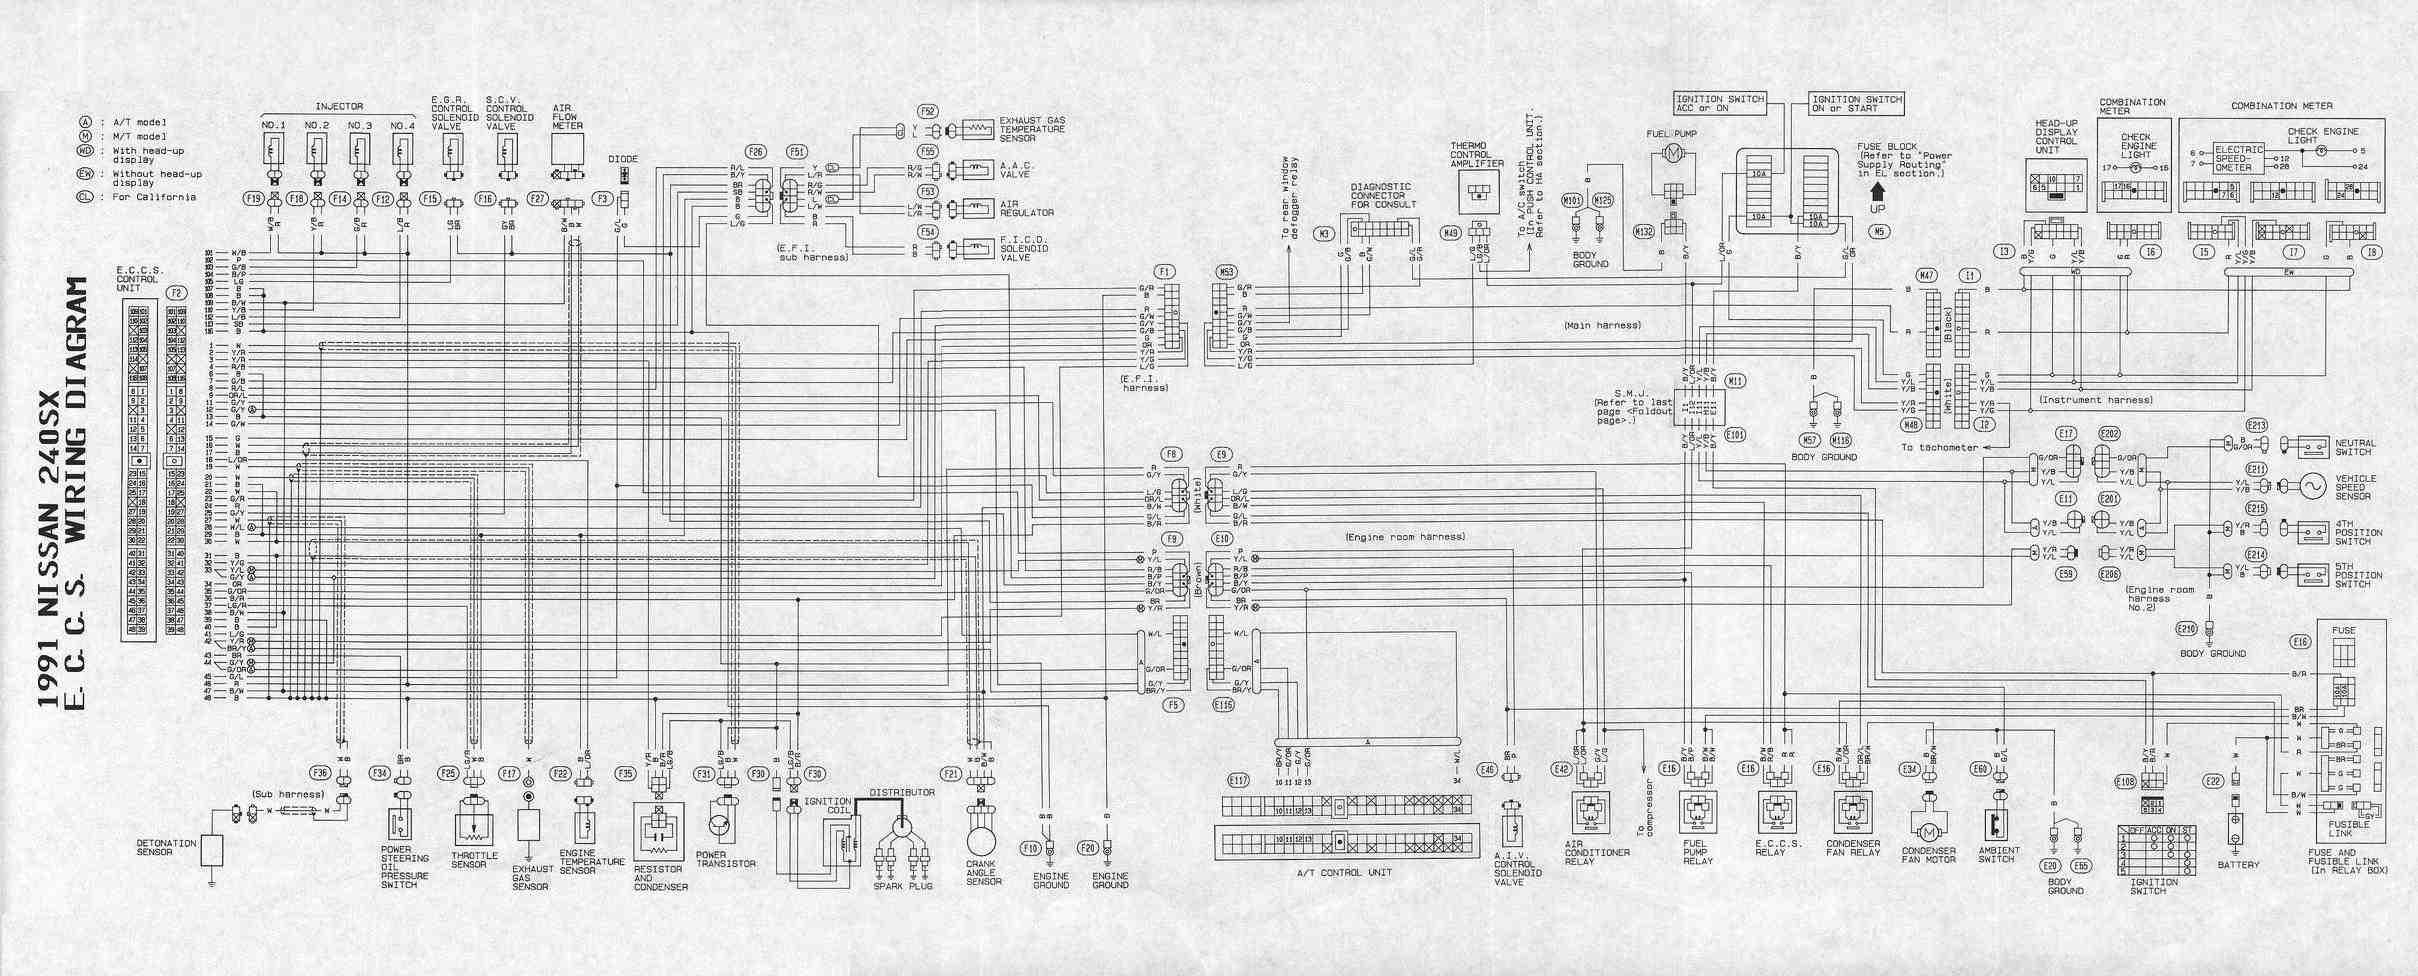 S13 Wire Diagram Schema Wiring Diagrams Speaker Pdf Silvia Front End Nissan Schematics Bow To Heat Strip Breaker